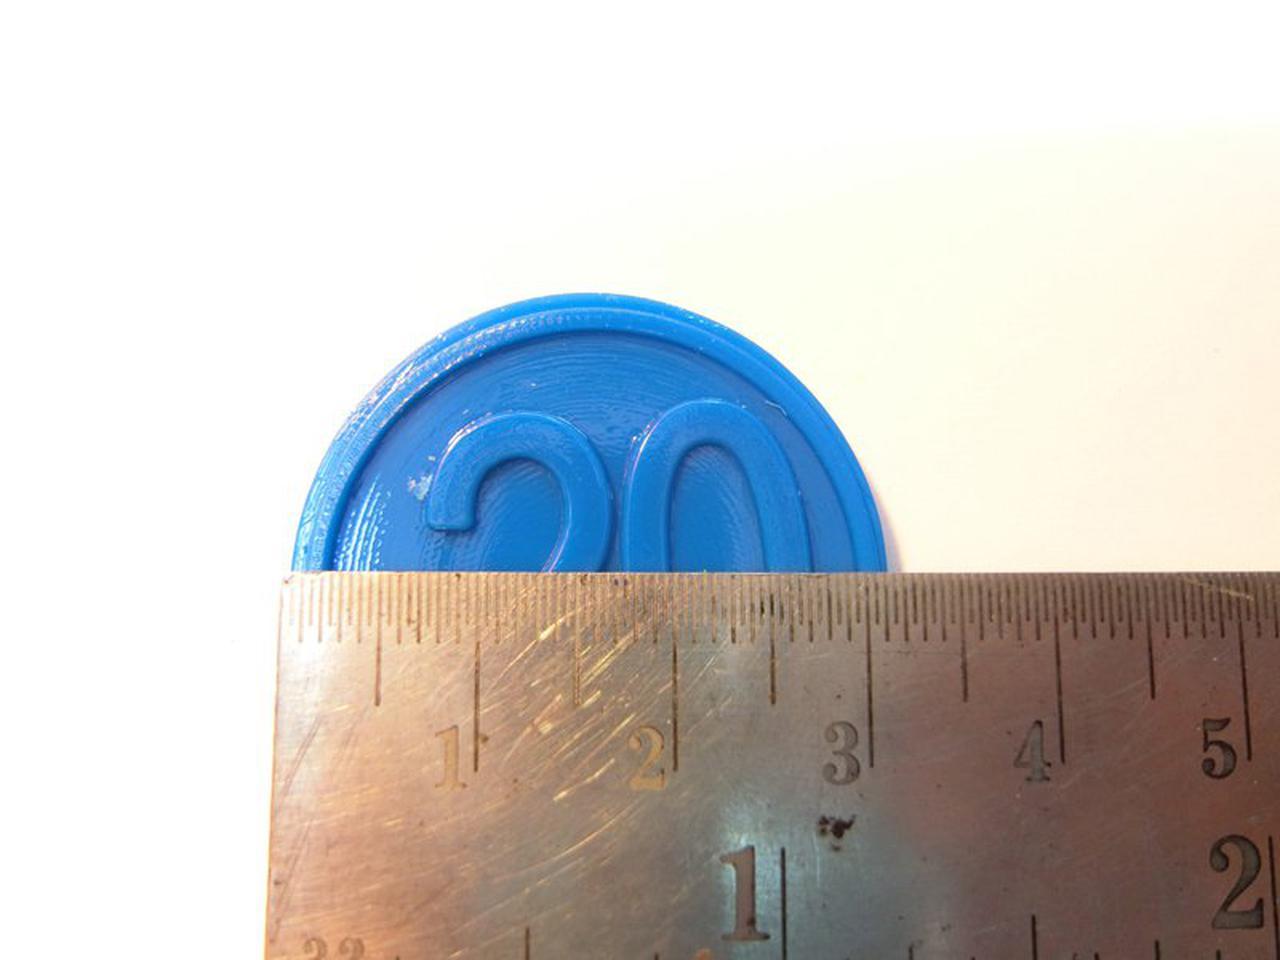 ขายเหรียญชิป คูปอง เหรียญชิพพลาสติกราคาถูกที่สุด รูปที่ 4